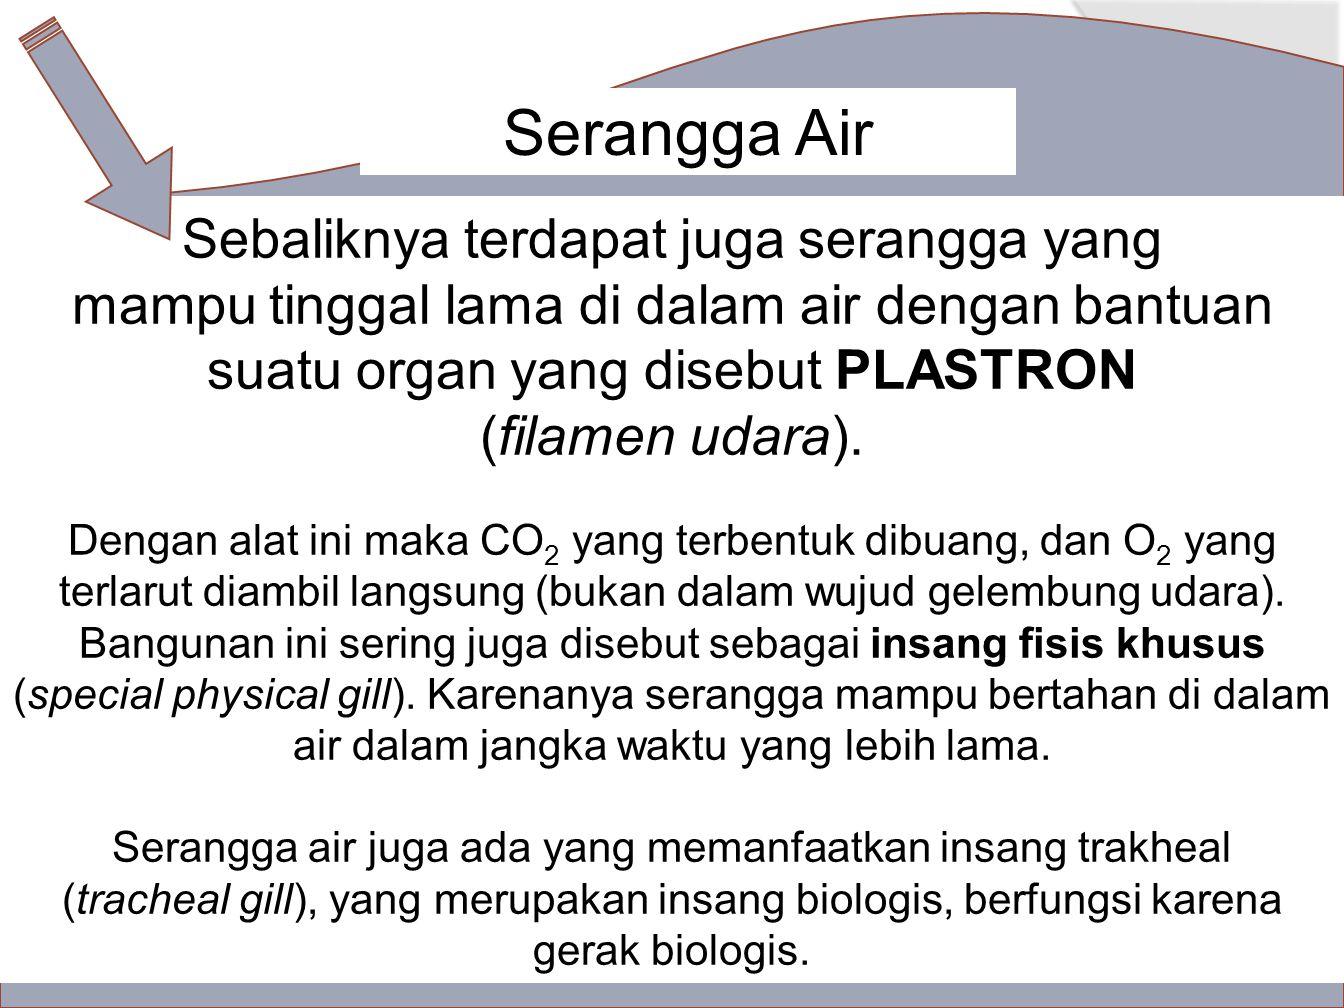 Sebaliknya terdapat juga serangga yang mampu tinggal lama di dalam air dengan bantuan suatu organ yang disebut PLASTRON (filamen udara).